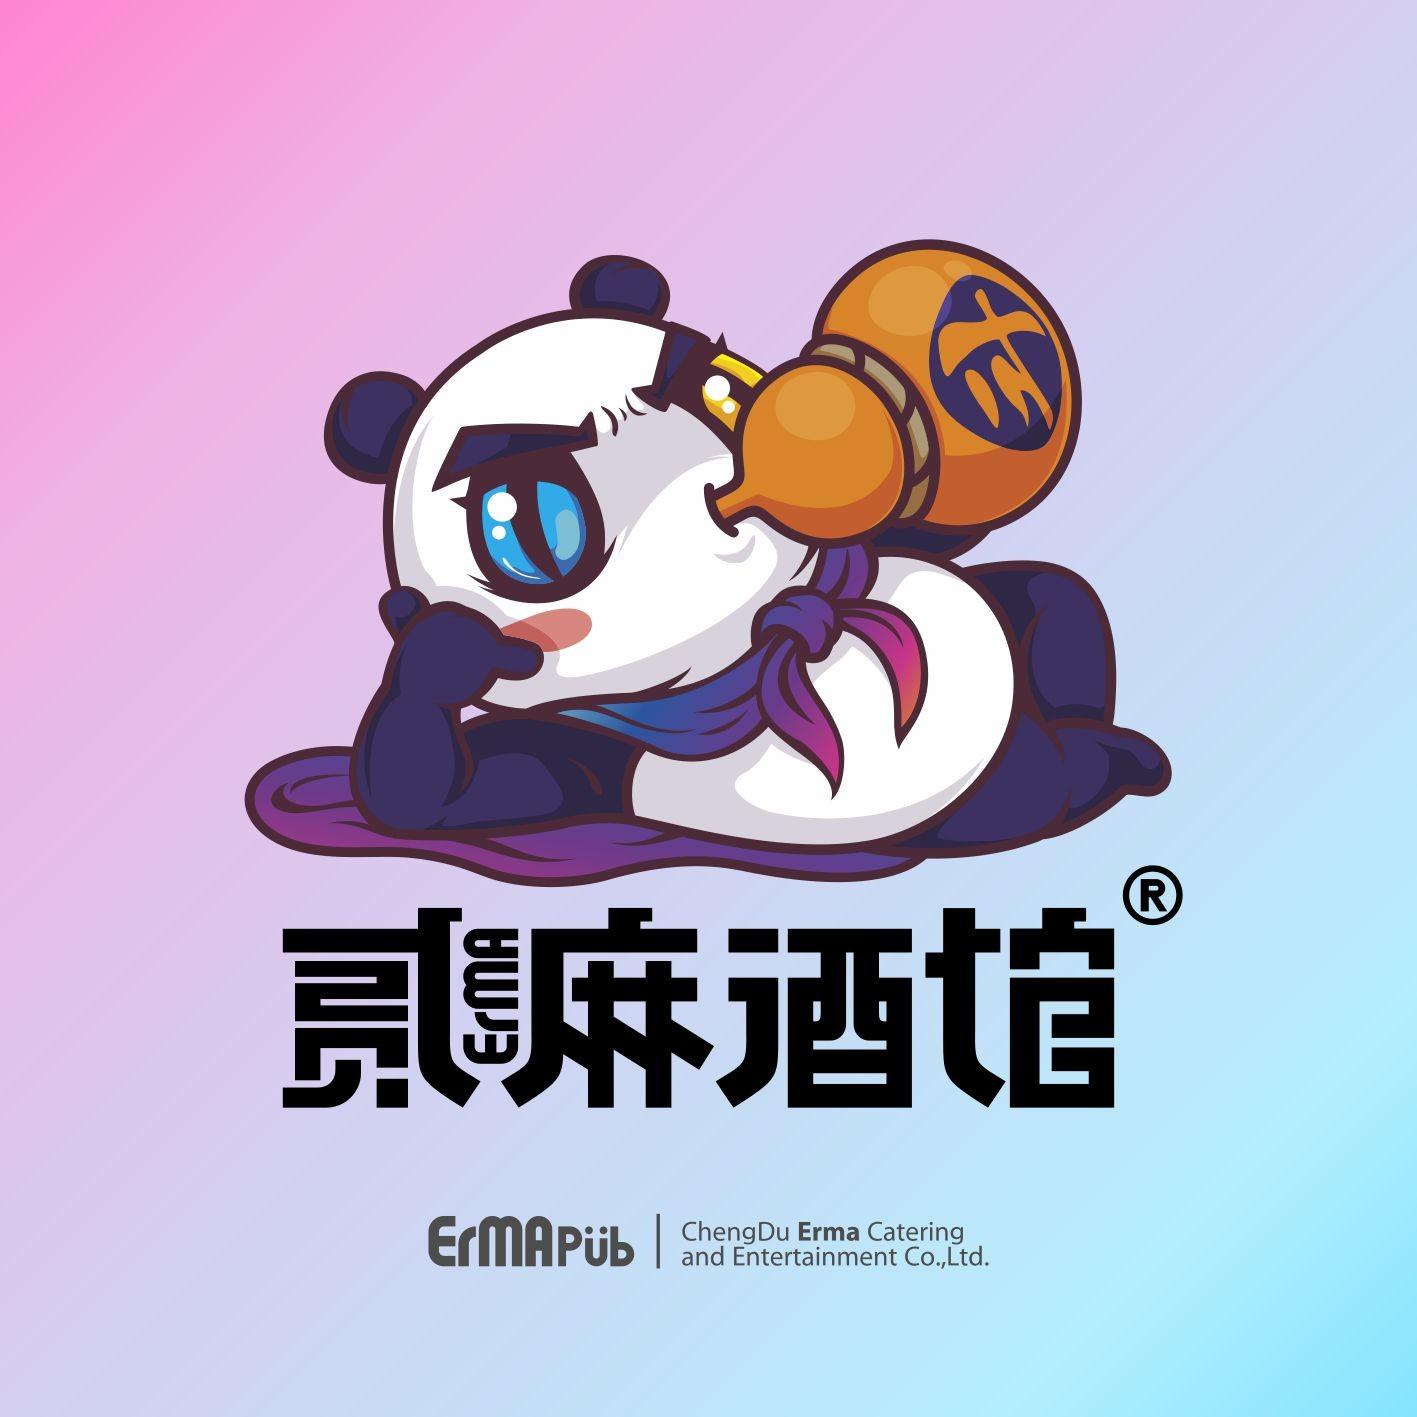 【貳麻酒館】桂林樂川桂麻餐飲娛樂有限公司招聘:公司標志 logo